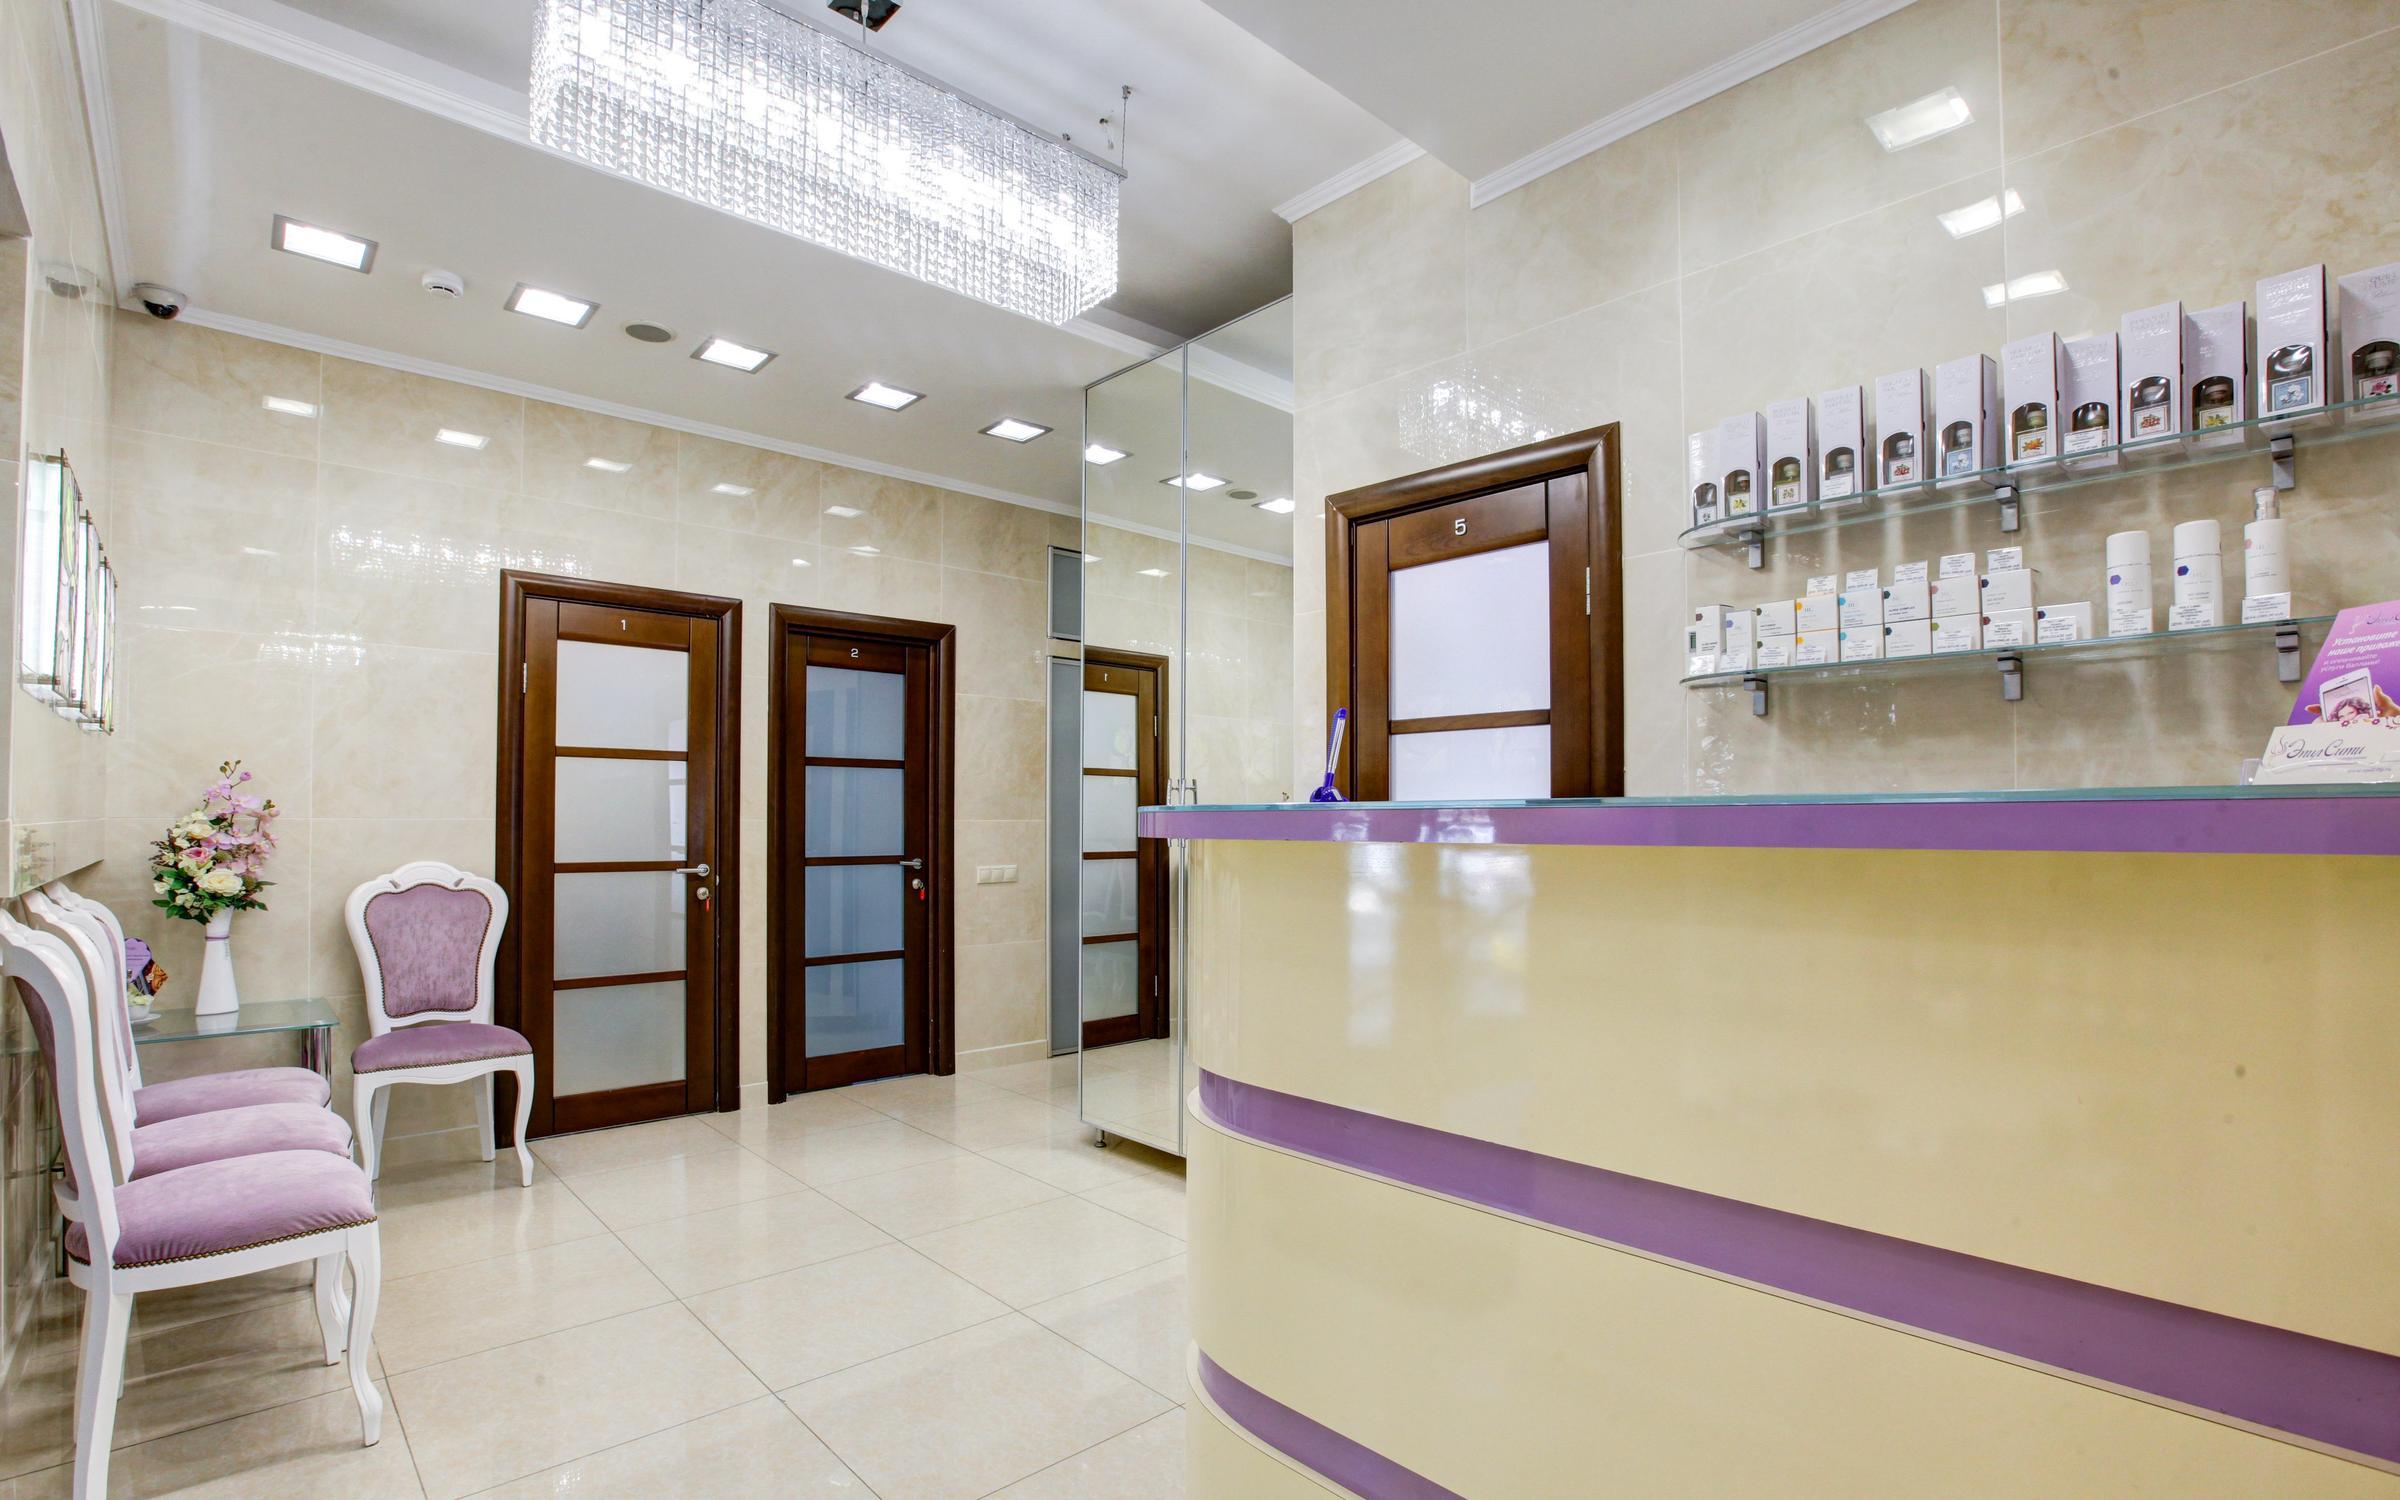 фотография Центра косметологии и эпиляции ЭпилСити на метро Красные ворота